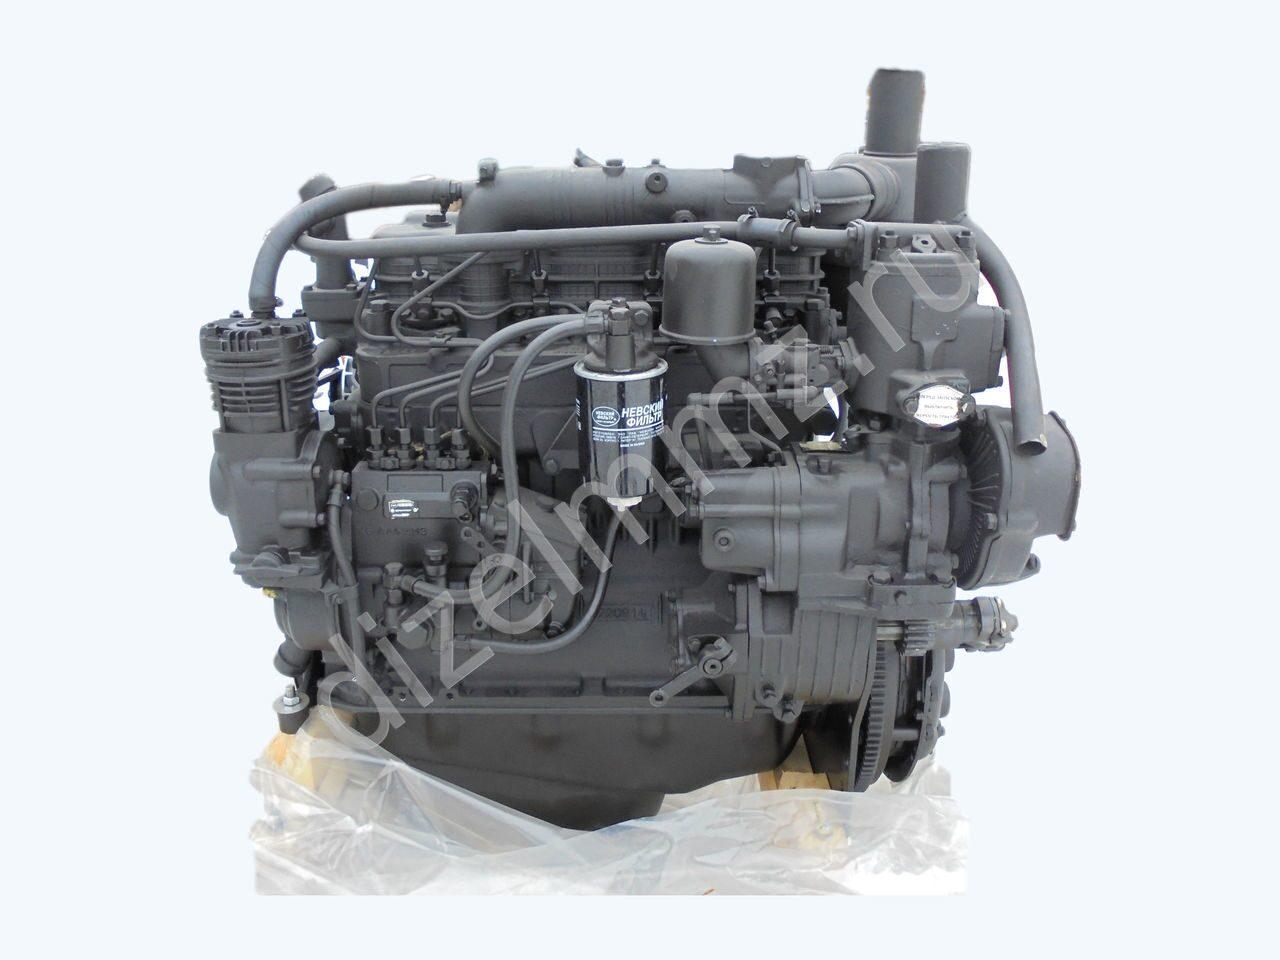 инструкция по ремонту двигателя ммз-245